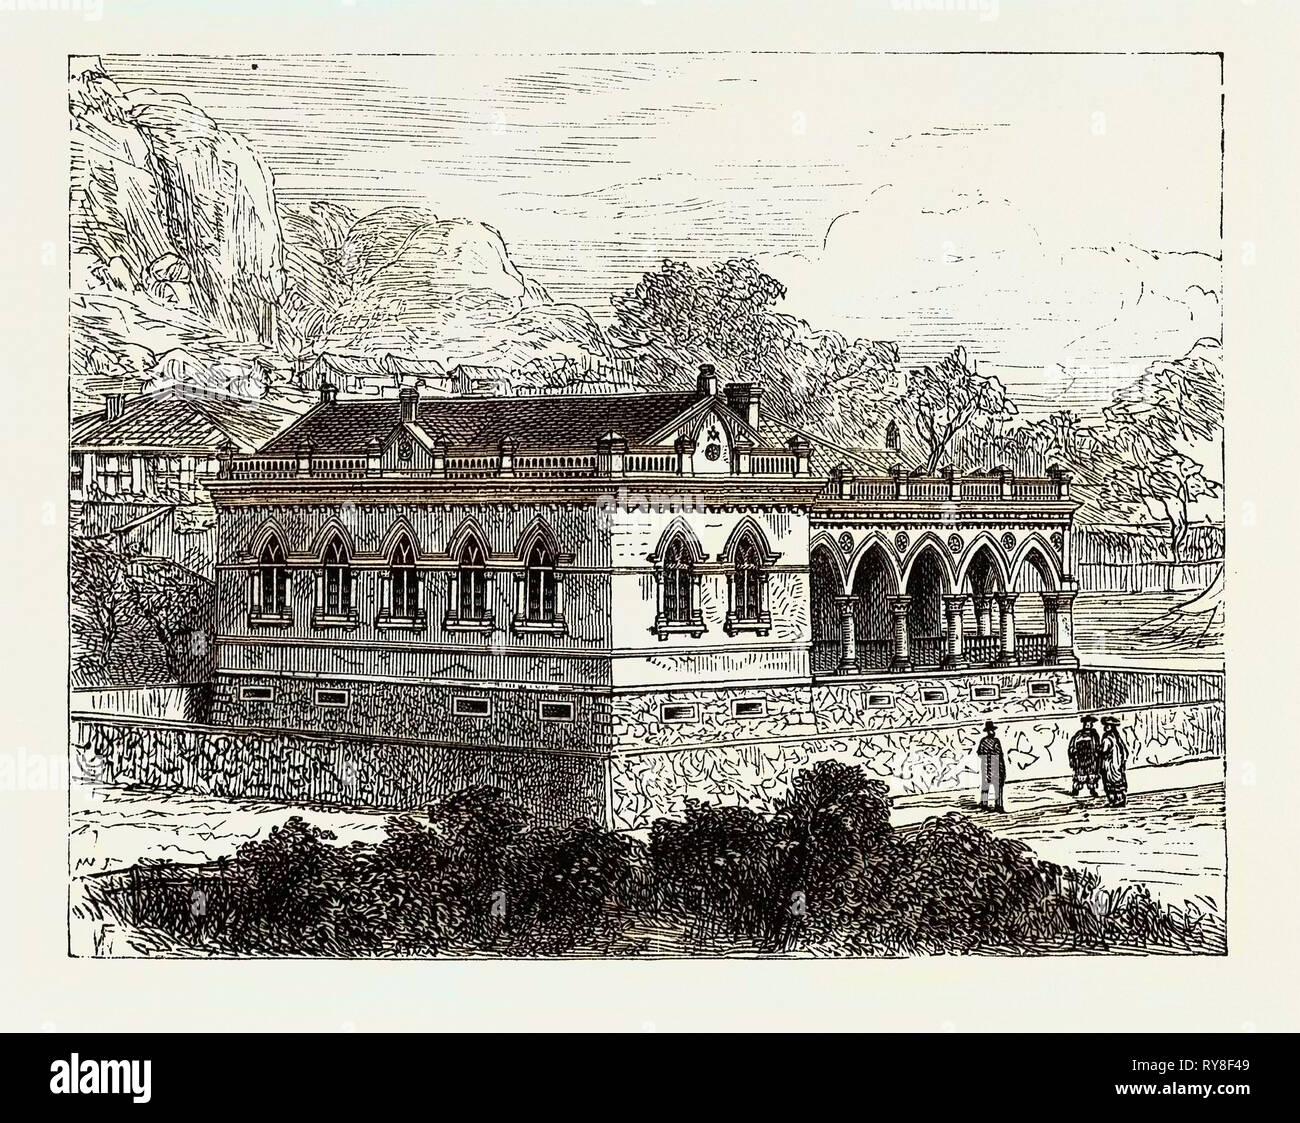 New Masonic Hall Koolangsu Amoy 1880 - Stock Image